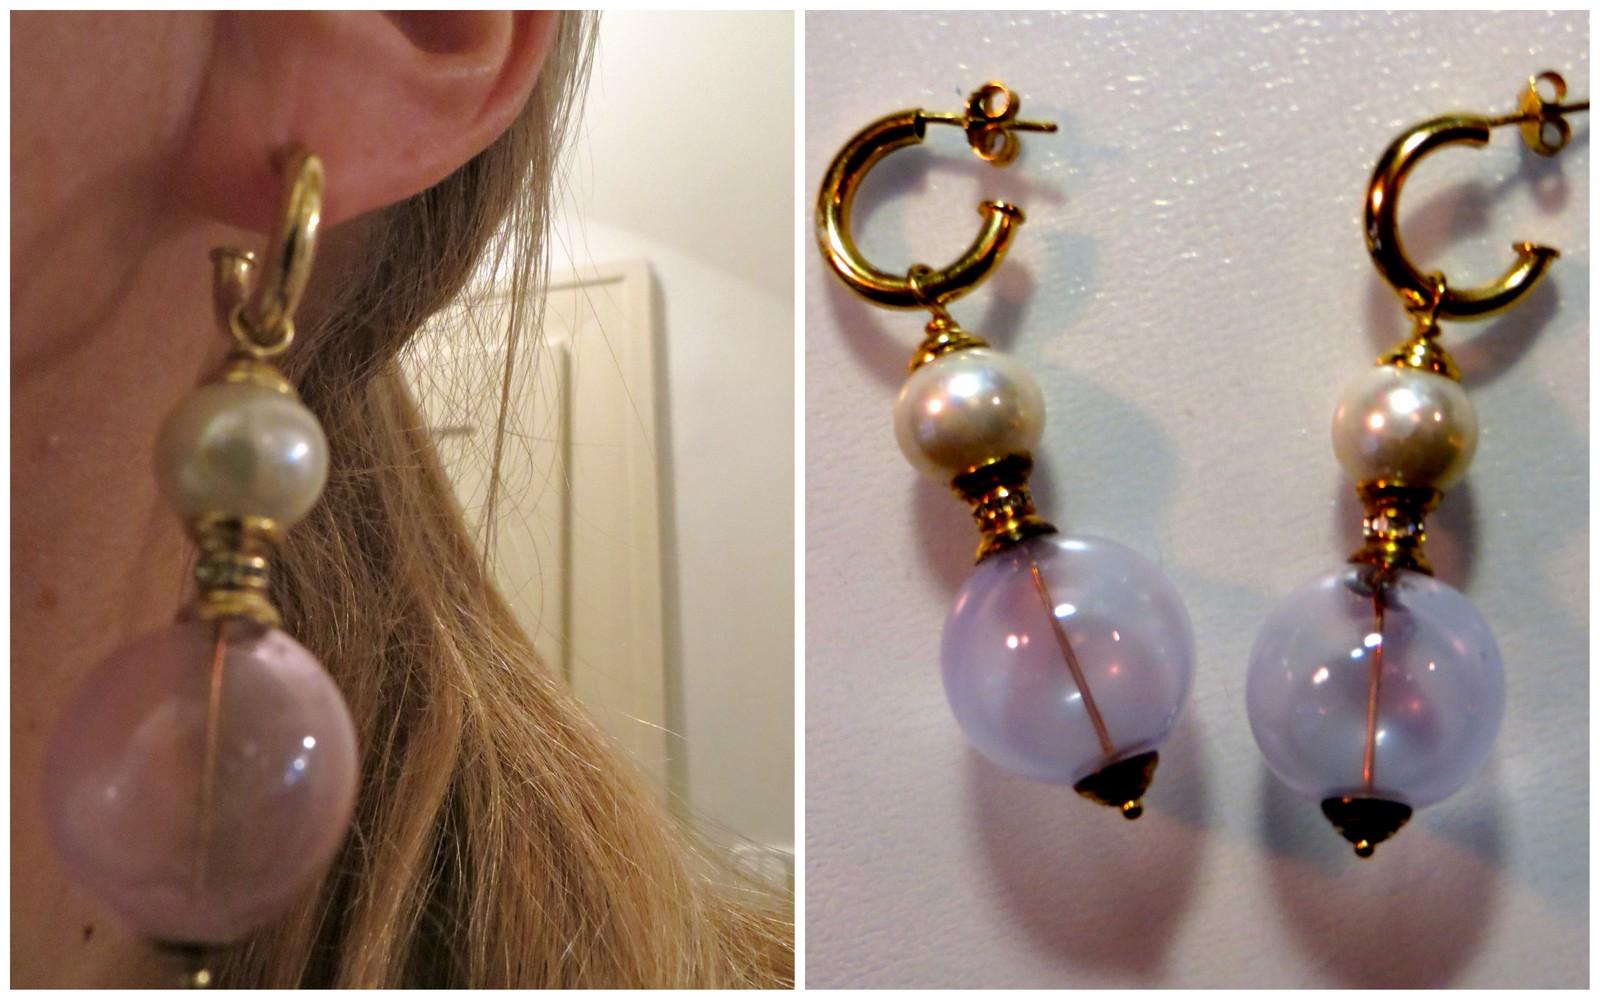 flea market ear rings from Budapest